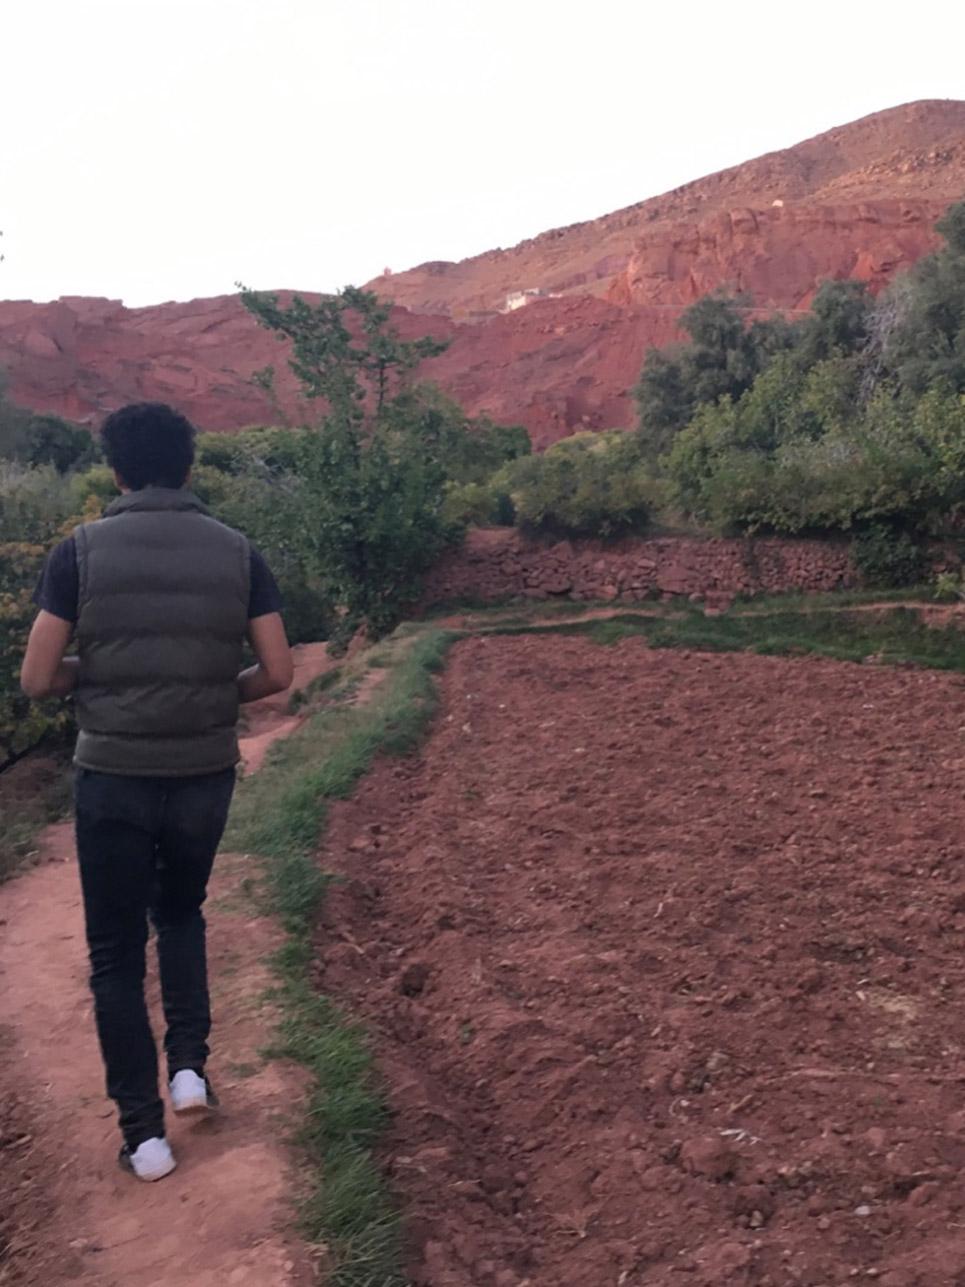 Begegnung des Tages: Der 19-jährige Ayoub lief 2 h mit mir durch die Felder und die Medina eines Ortes im Dadestal, aus purer Nettigkeit und um sein Deutsch zu verbessern. Er möchte nächstes Jahr Biologie in Frankfurt studieren.